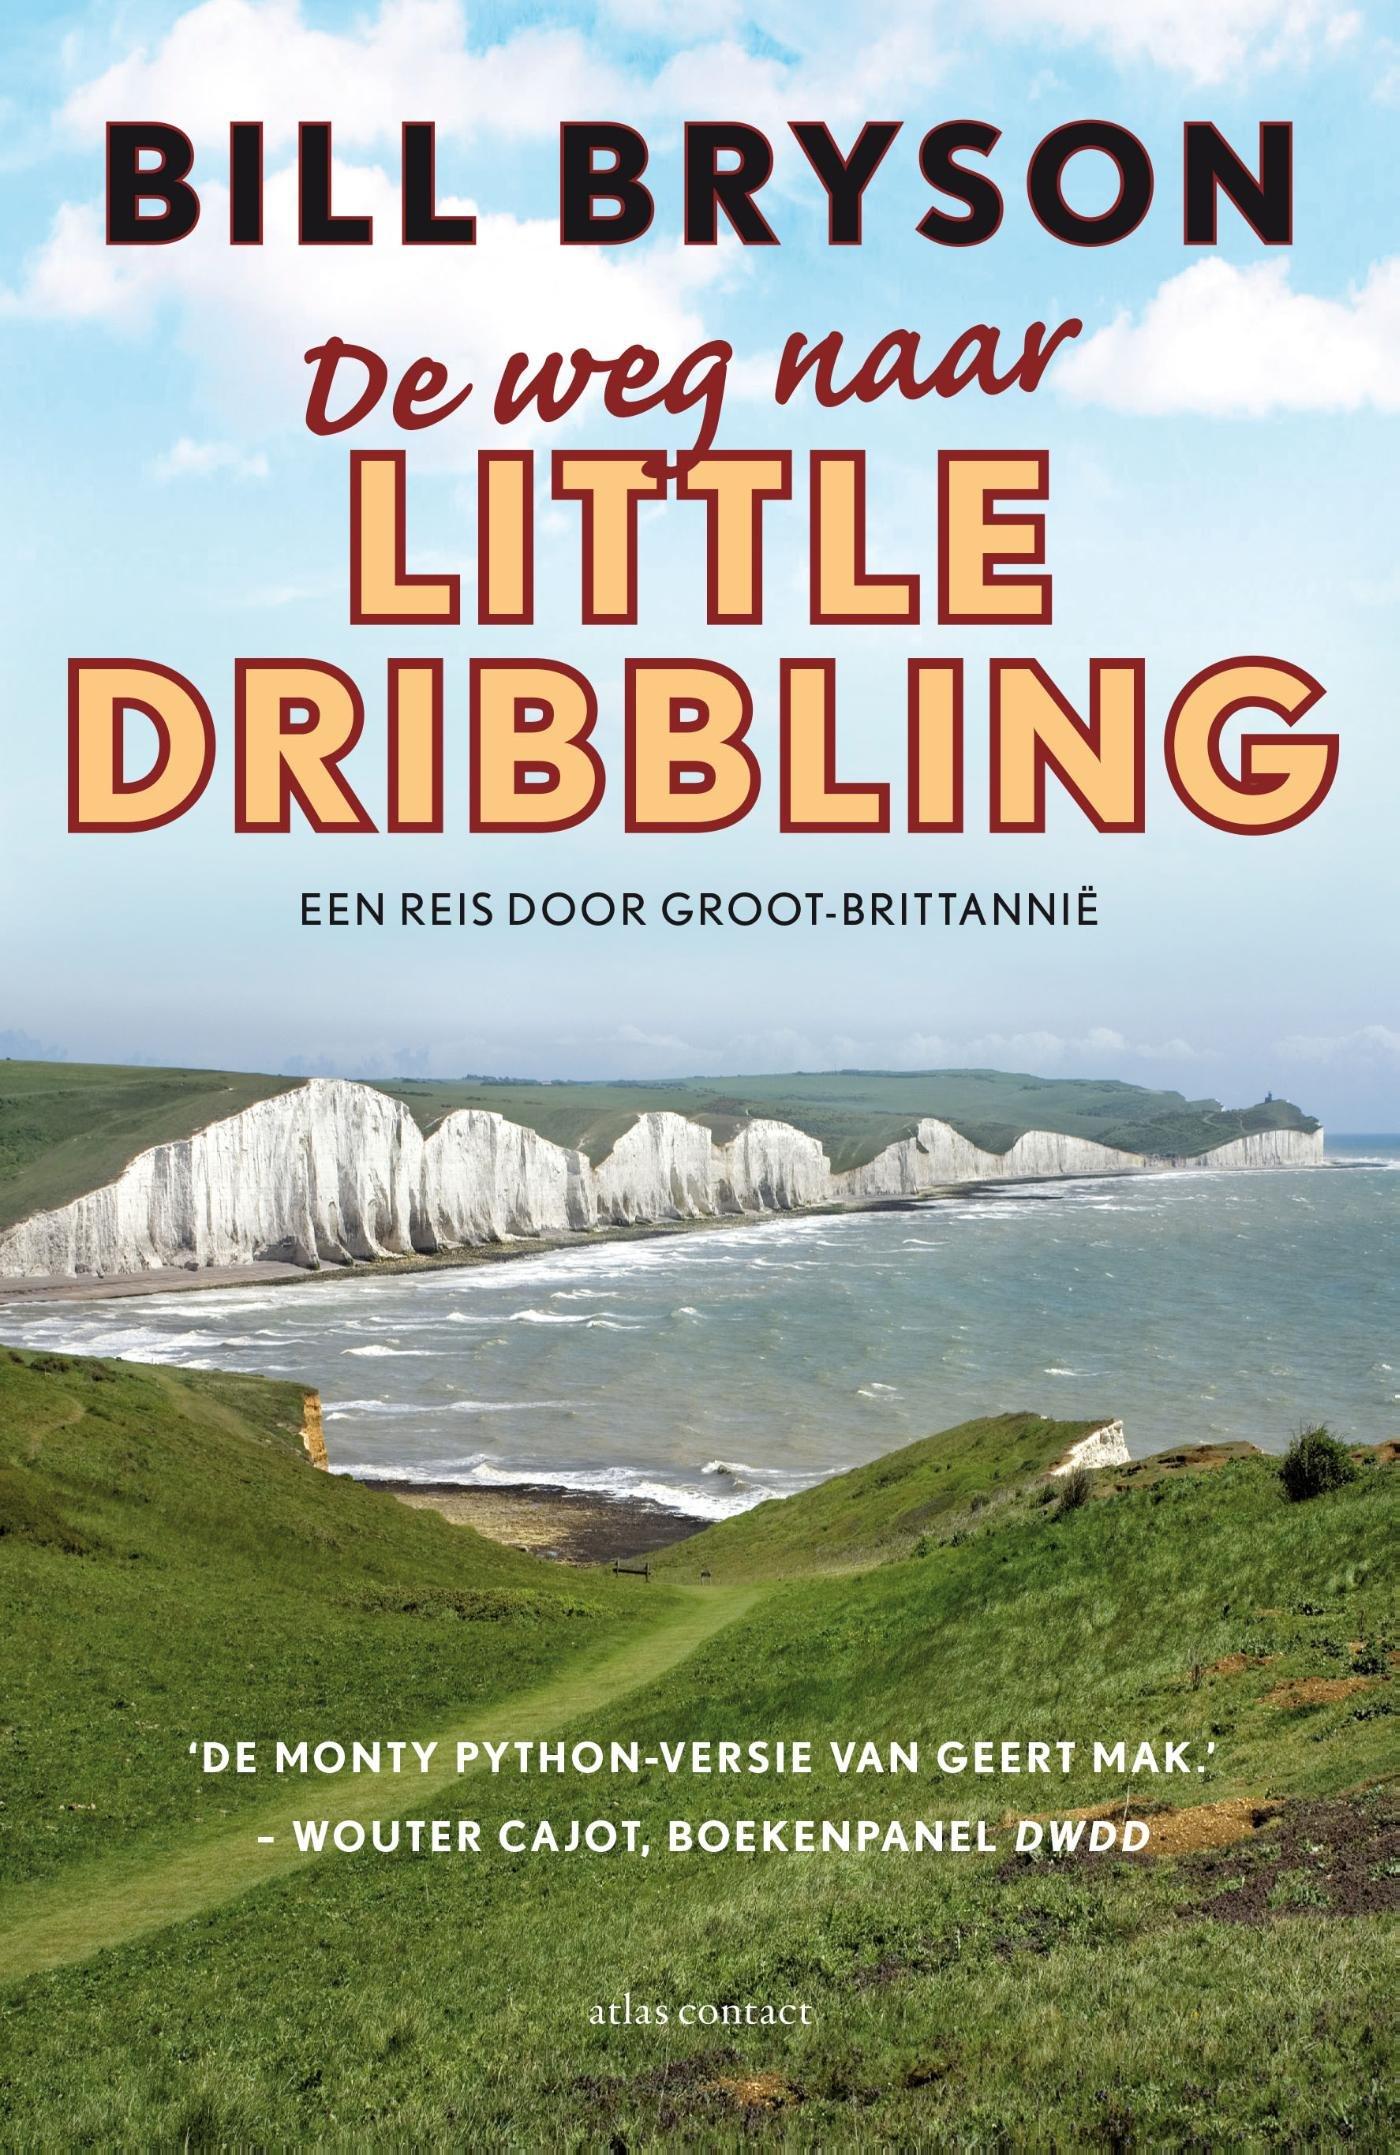 De weg naar Little Dribbling | Bill Bryson 9789045033327 Bill Bryson Atlas-Contact   Landeninformatie, Reisverhalen Groot-Brittannië